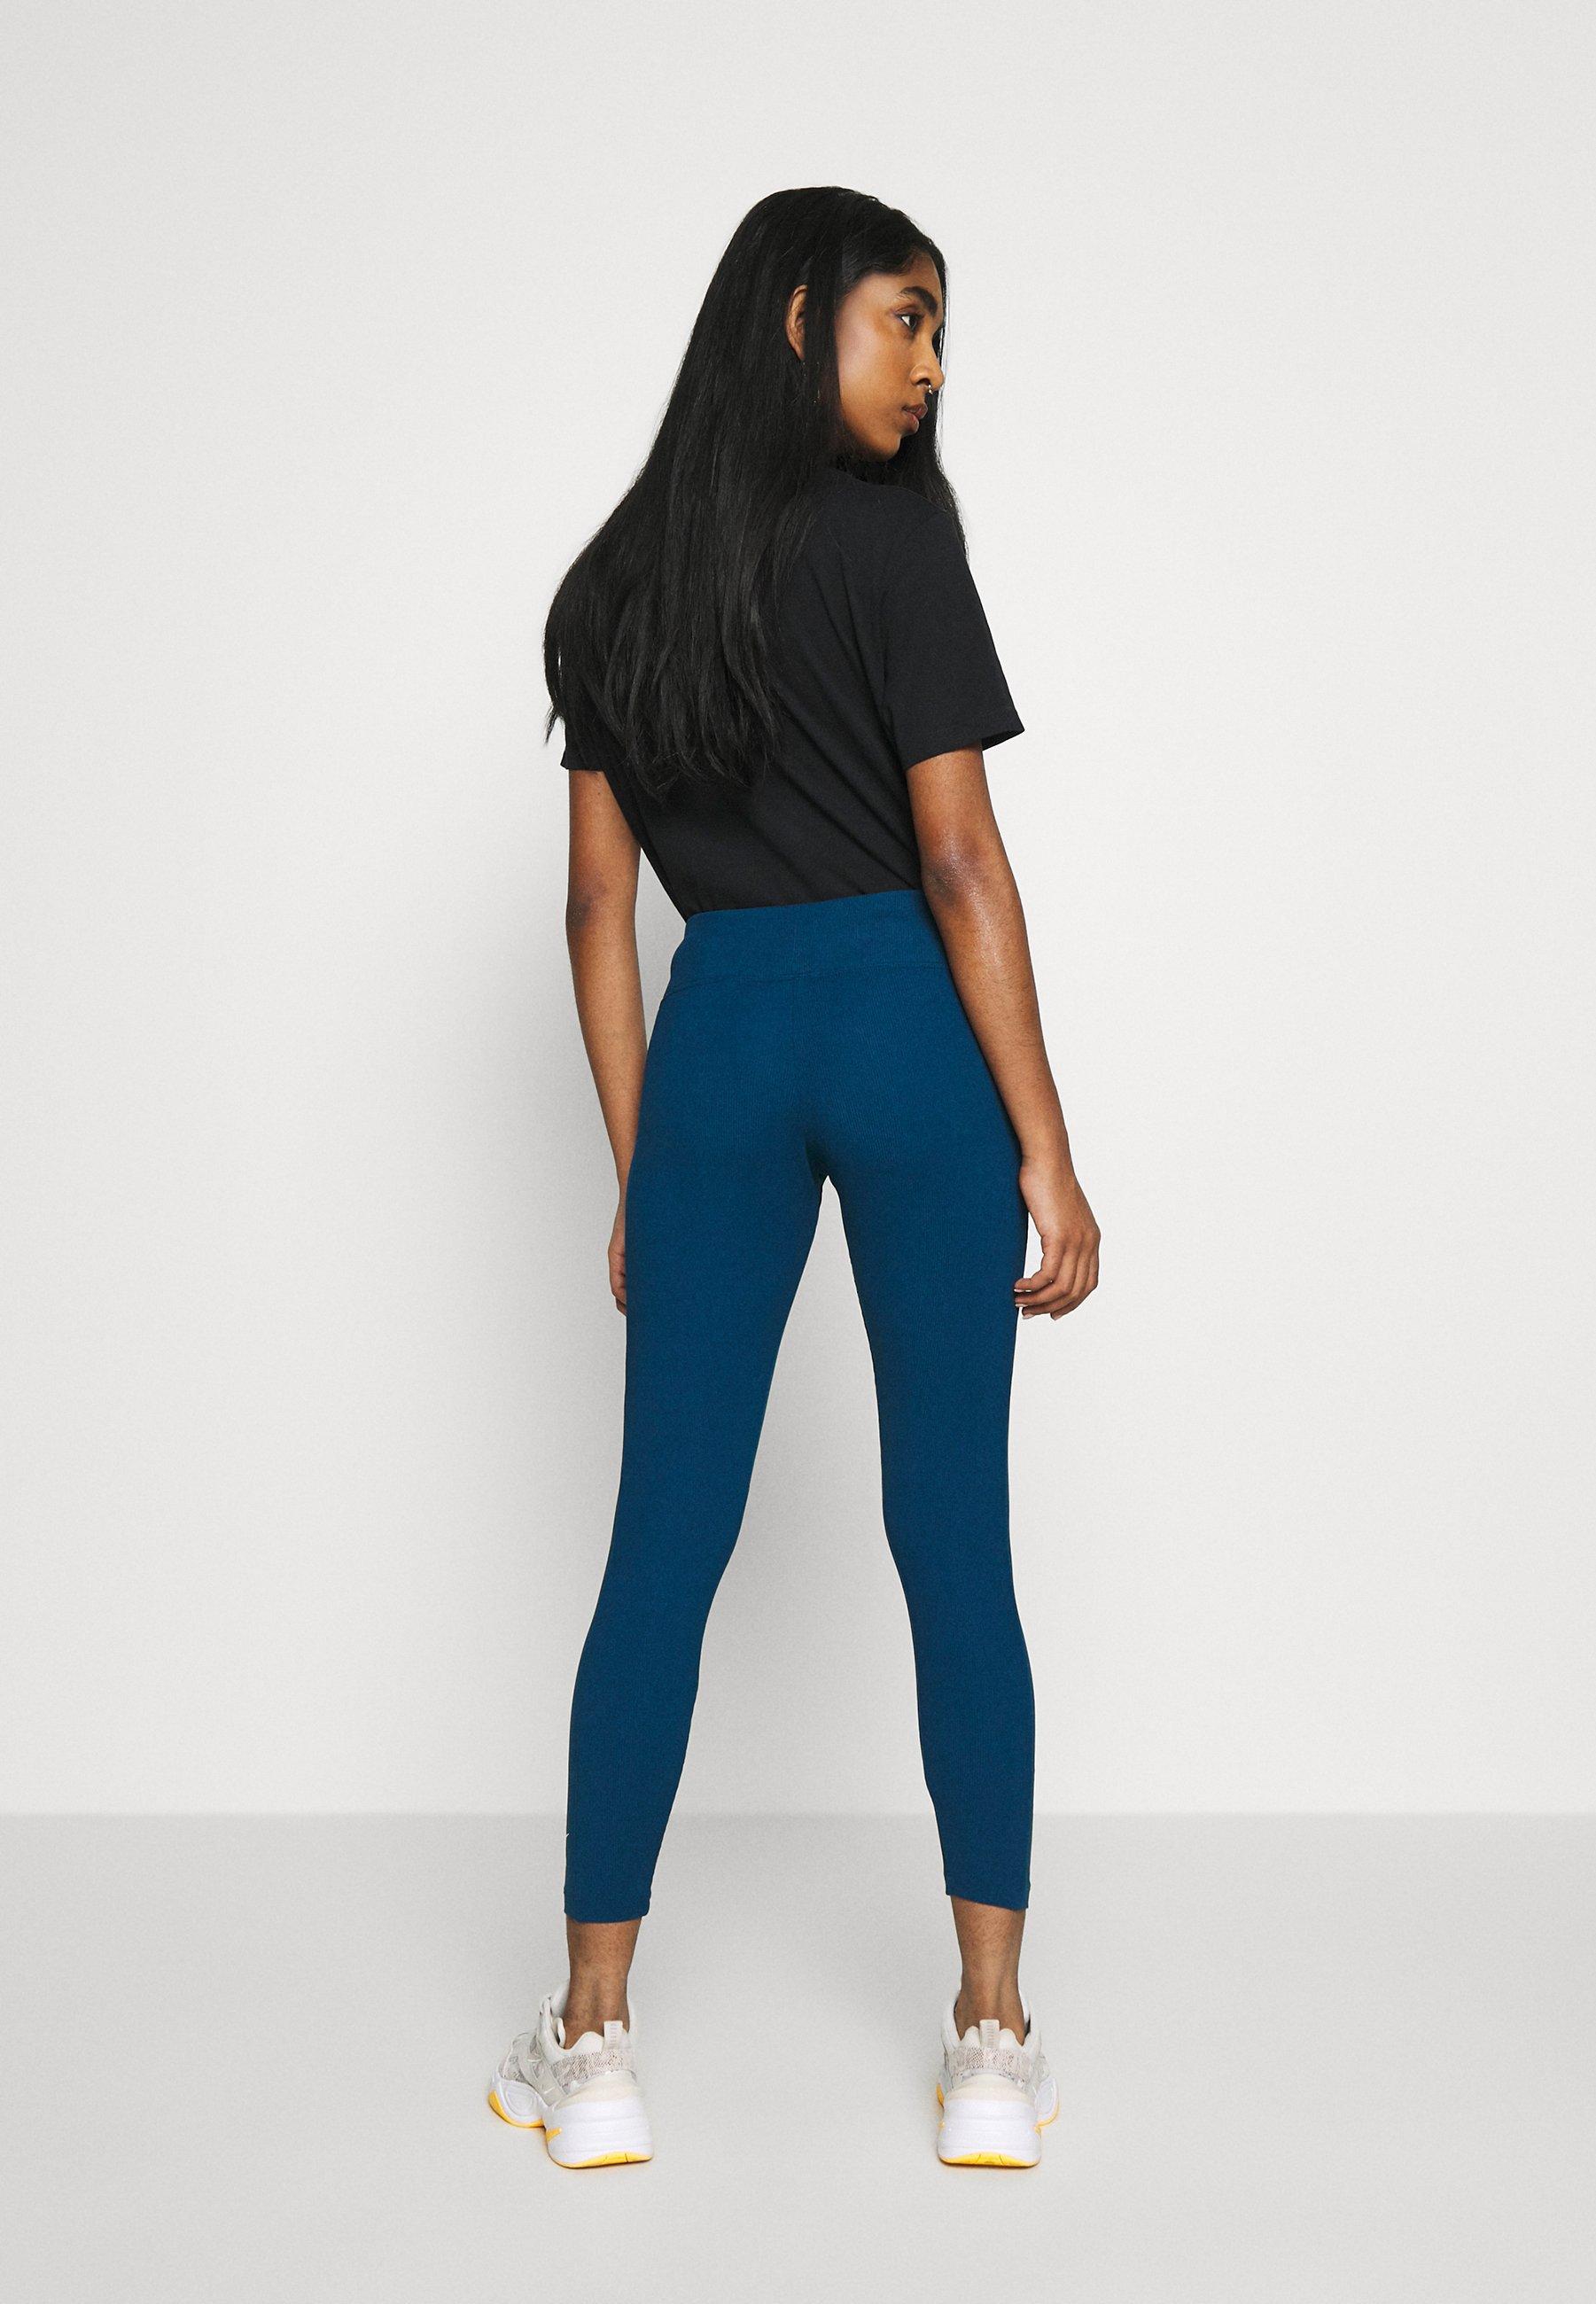 Nike Sportswear Leggings - valerian blue/ice silver w9s7TZlV